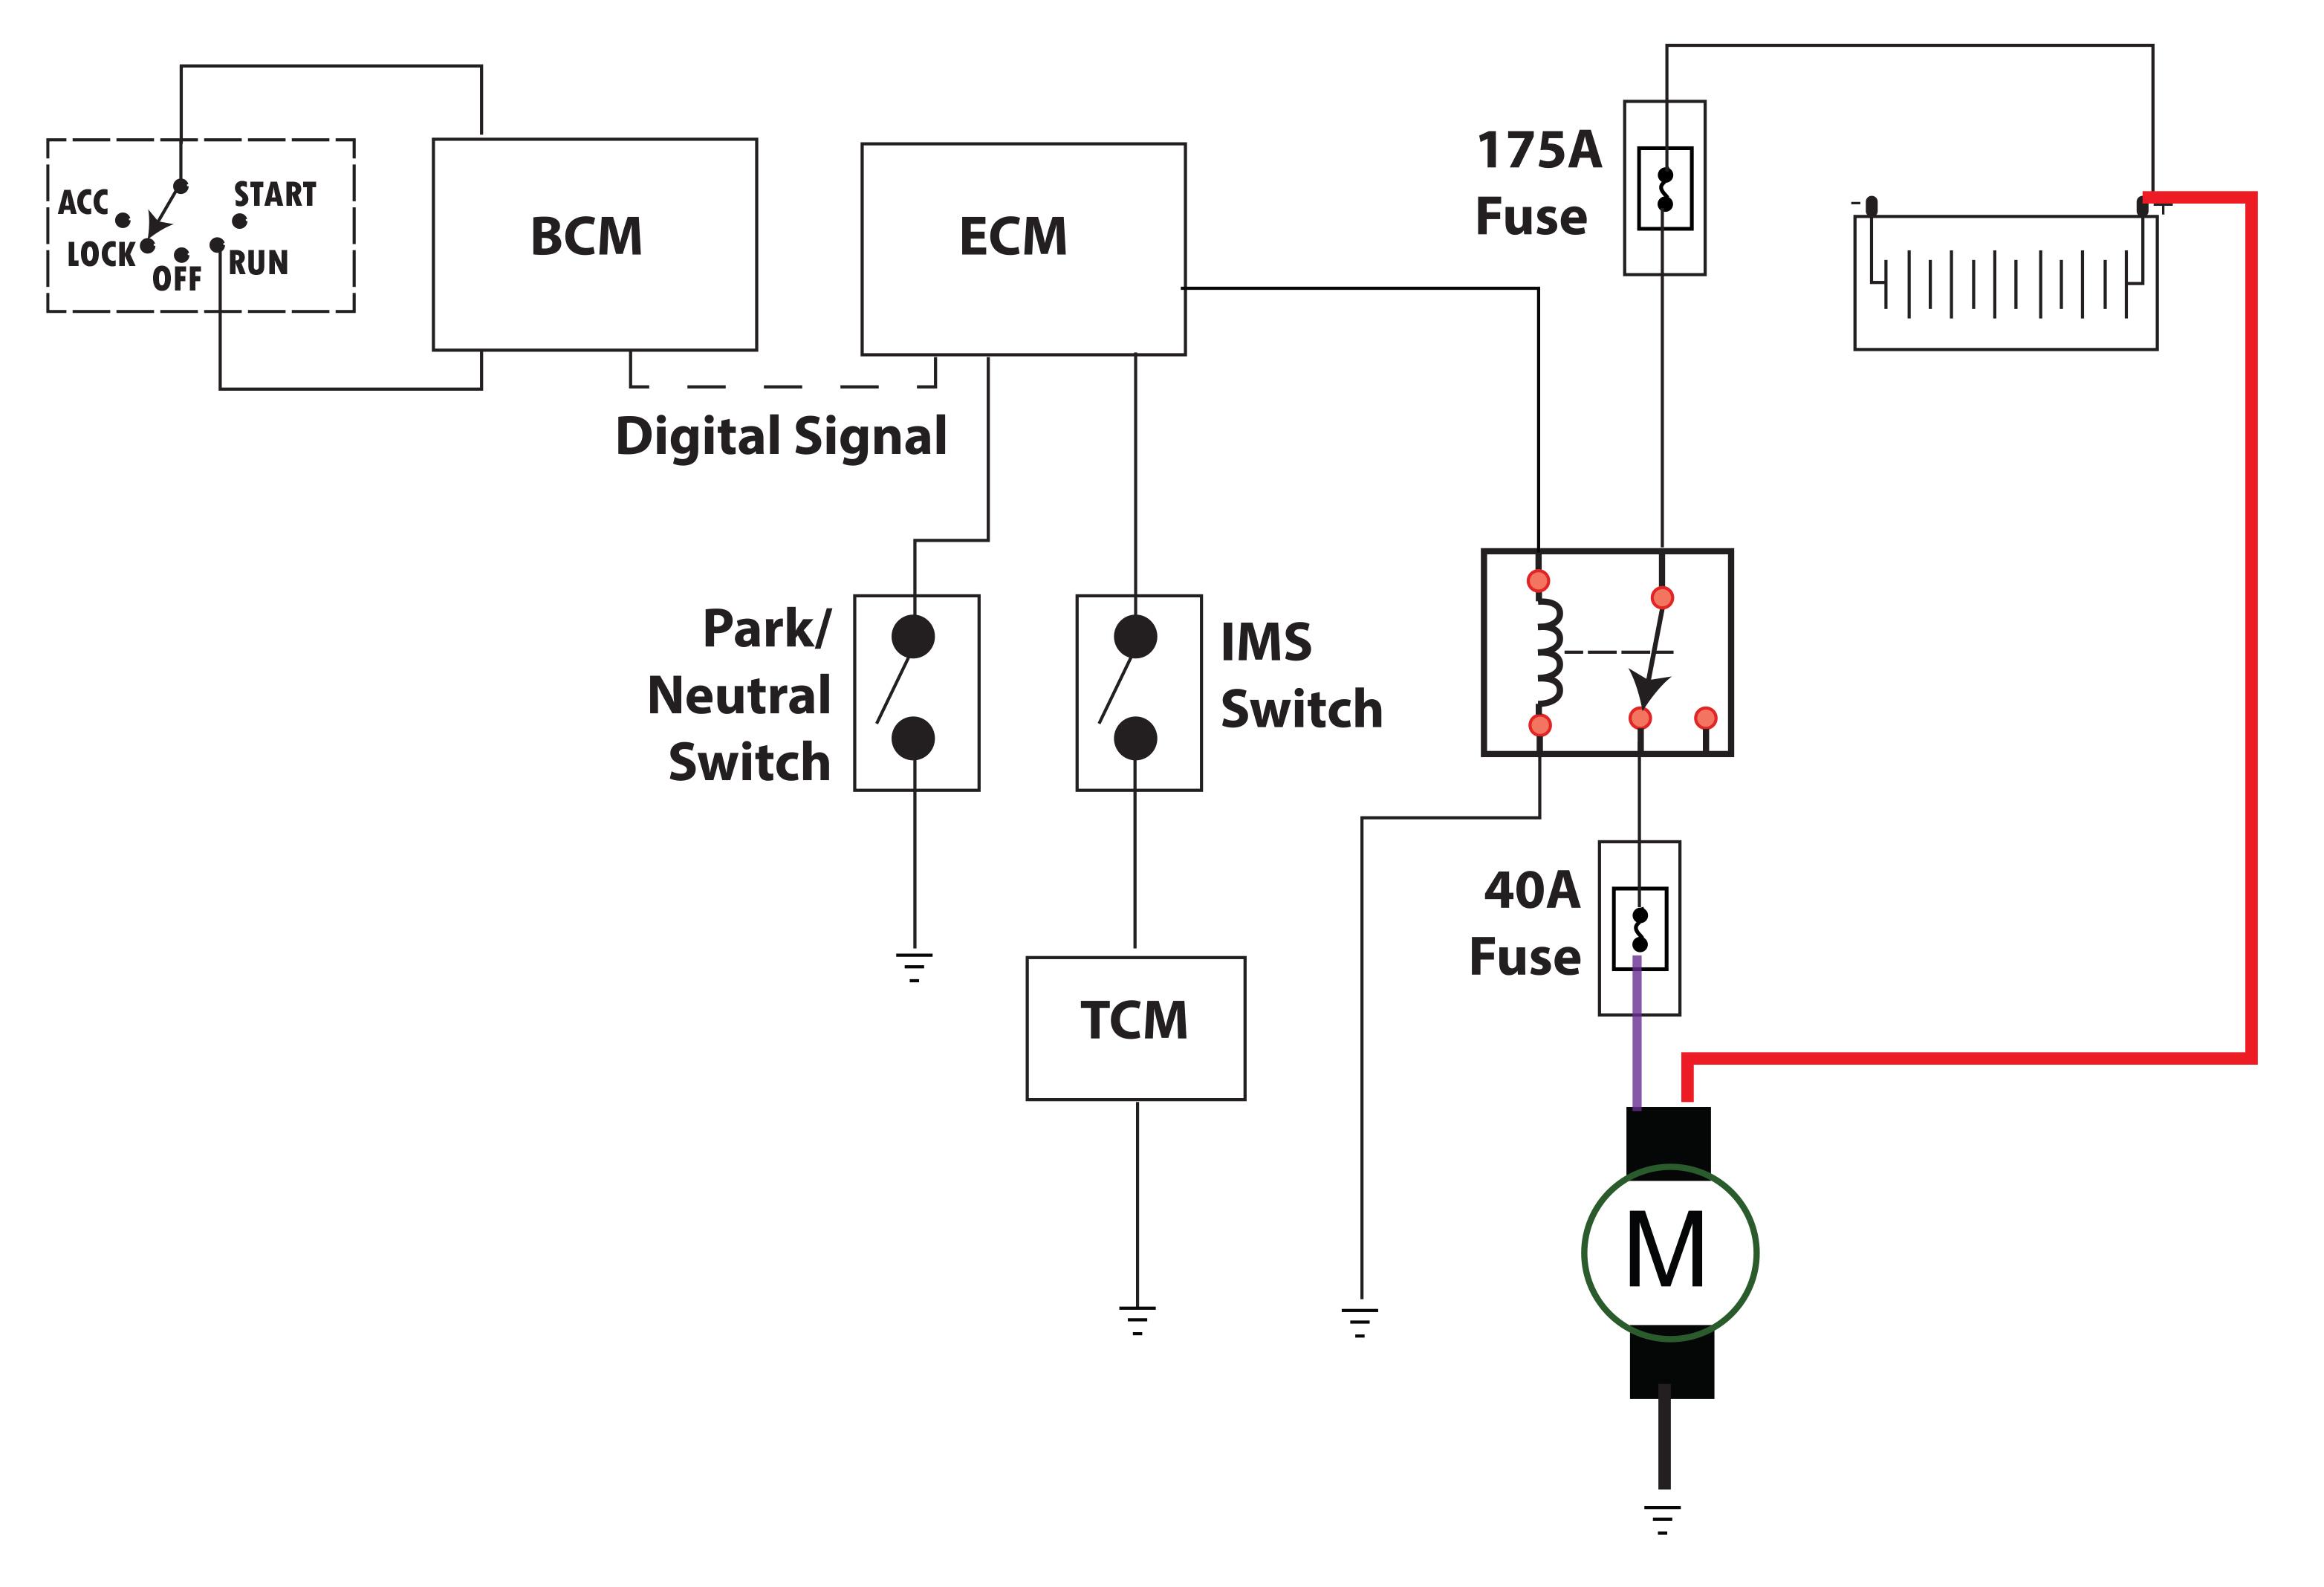 [SCHEMATICS_48IU]  Gm Neutral Switch Wiring - Solar Panel Parallel Wiring Diagram for Wiring  Diagram Schematics | Intermitte Mopar Wiring Diagrams |  | Wiring Diagram and Schematics